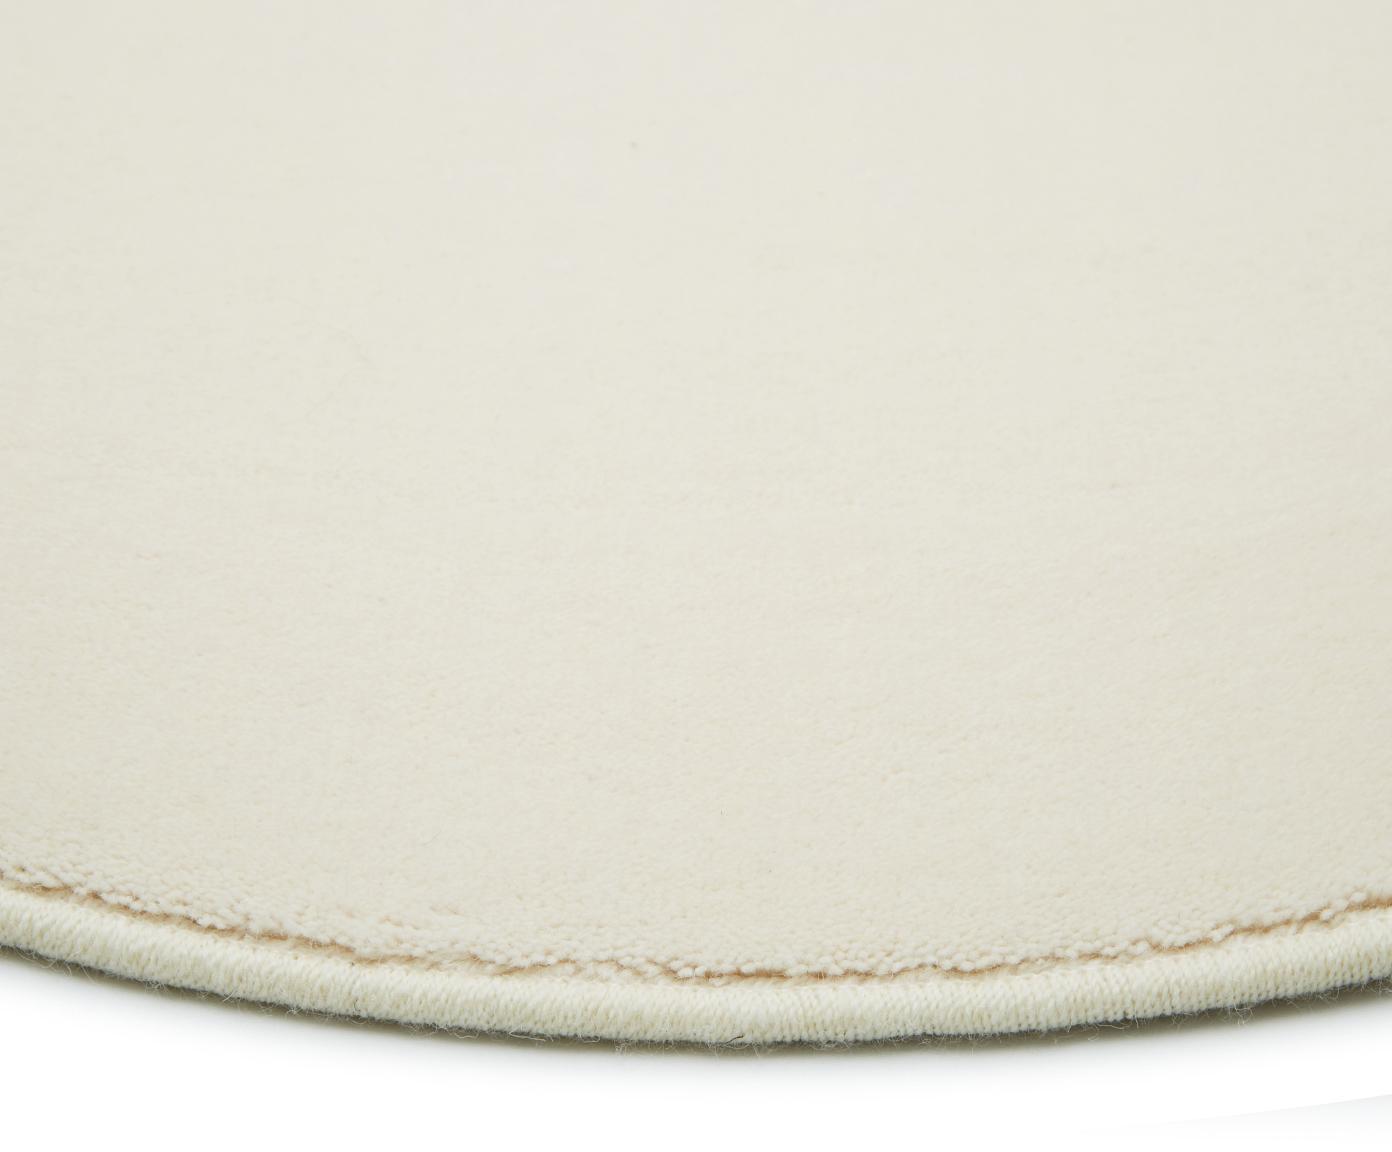 Tappeto rotondo in lana beige Ida, Vello: lana, Retro: poliestere, Beige, Ø 200 cm